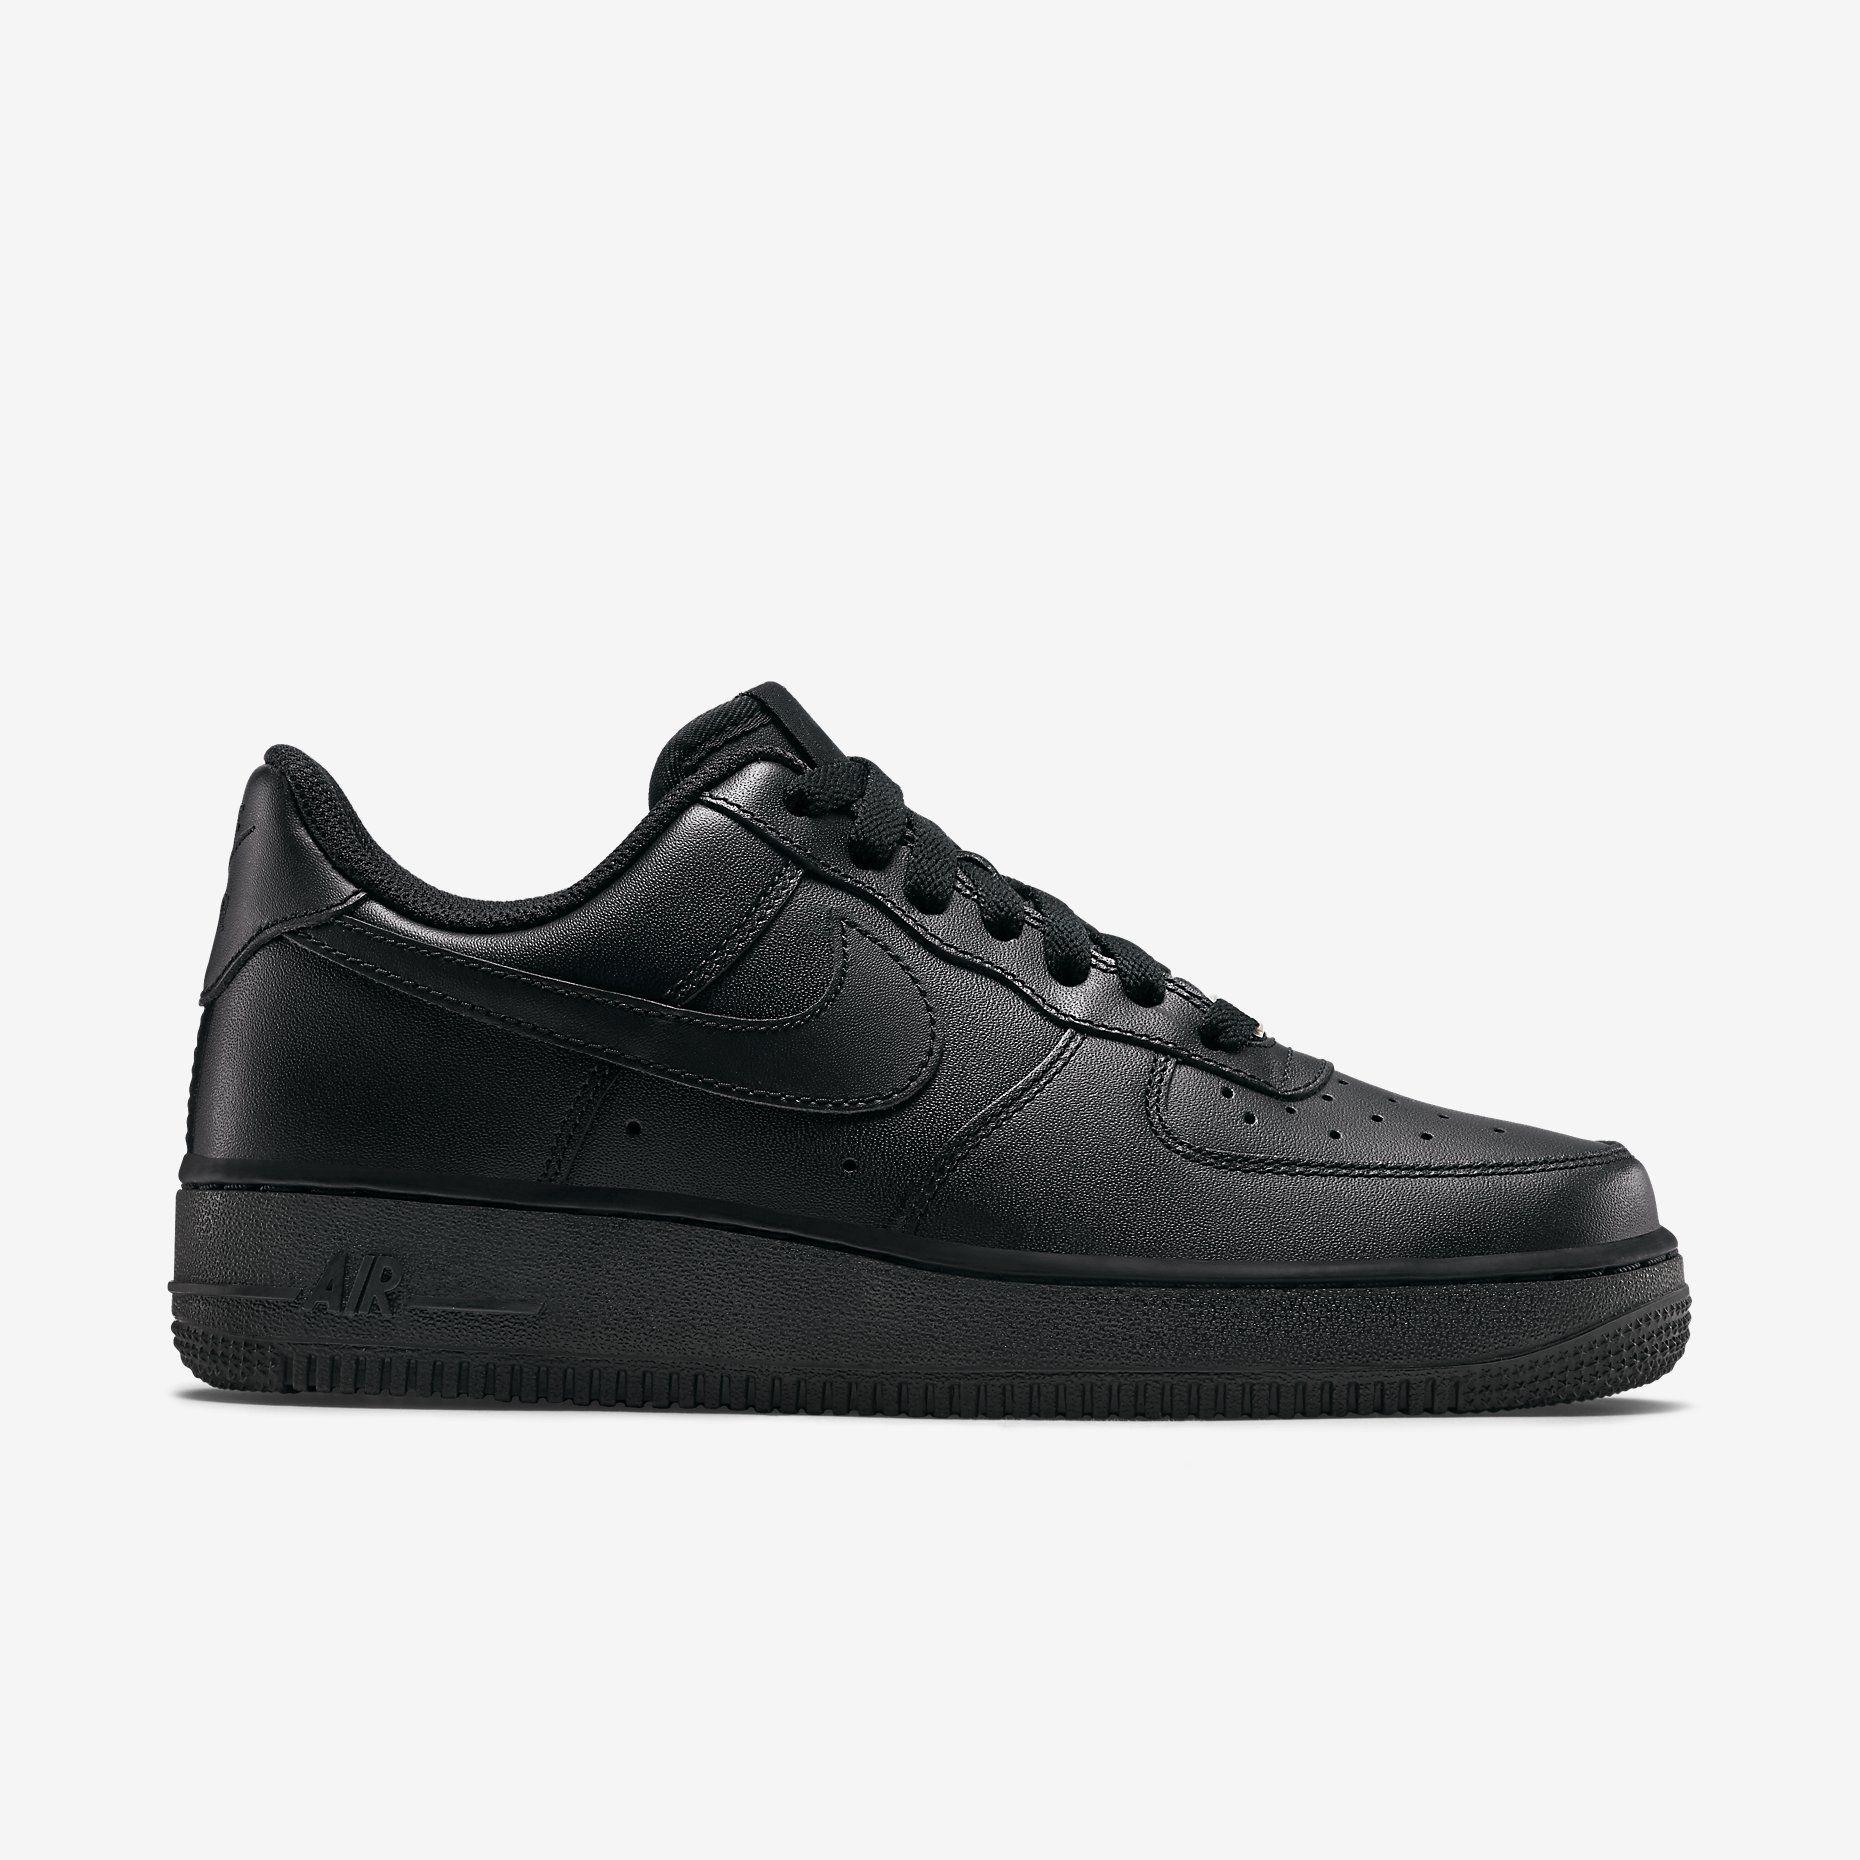 WMNS Air Max 90, Chaussures de Gymnastique Femme, Noir (Black/Black-Cool Grey-Black), 35.5 EUNike